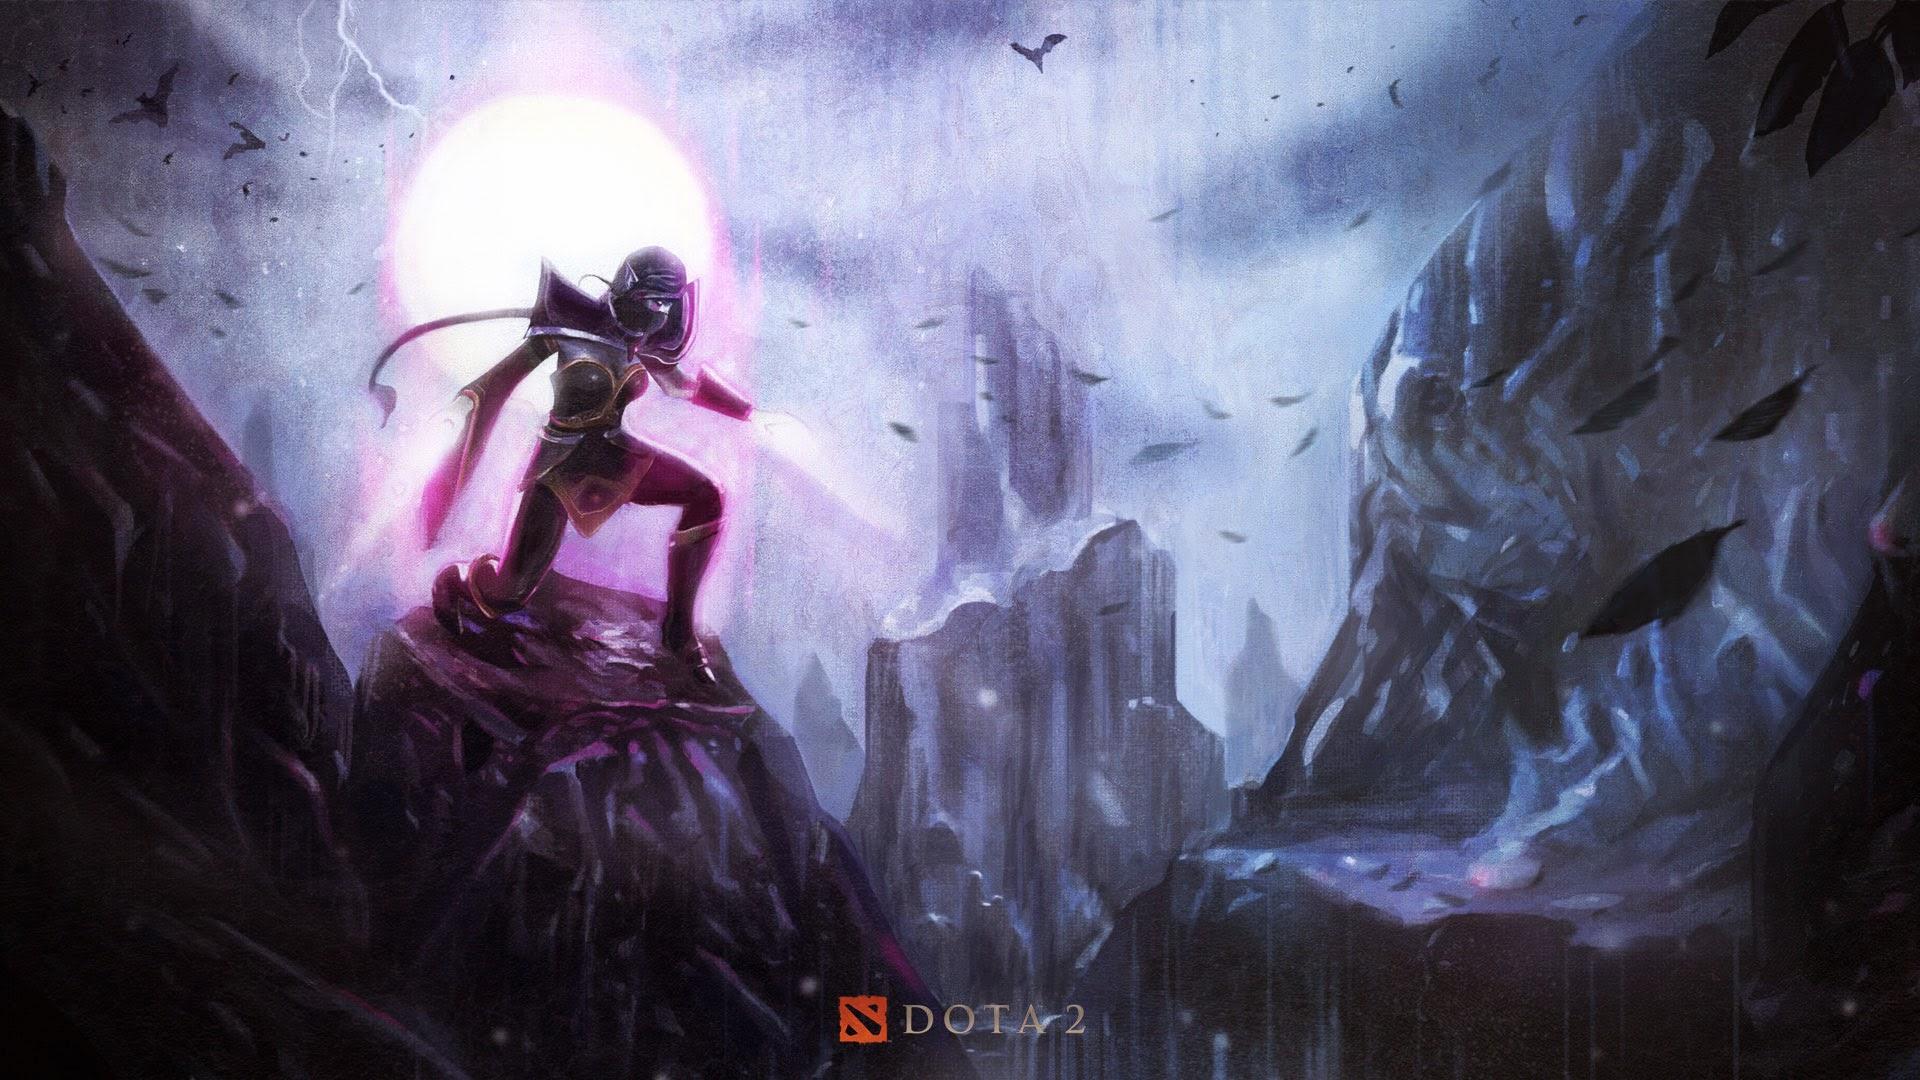 Loạt hình nền tuyệt đẹp của DotA 2 Trung Quốc - Ảnh 8